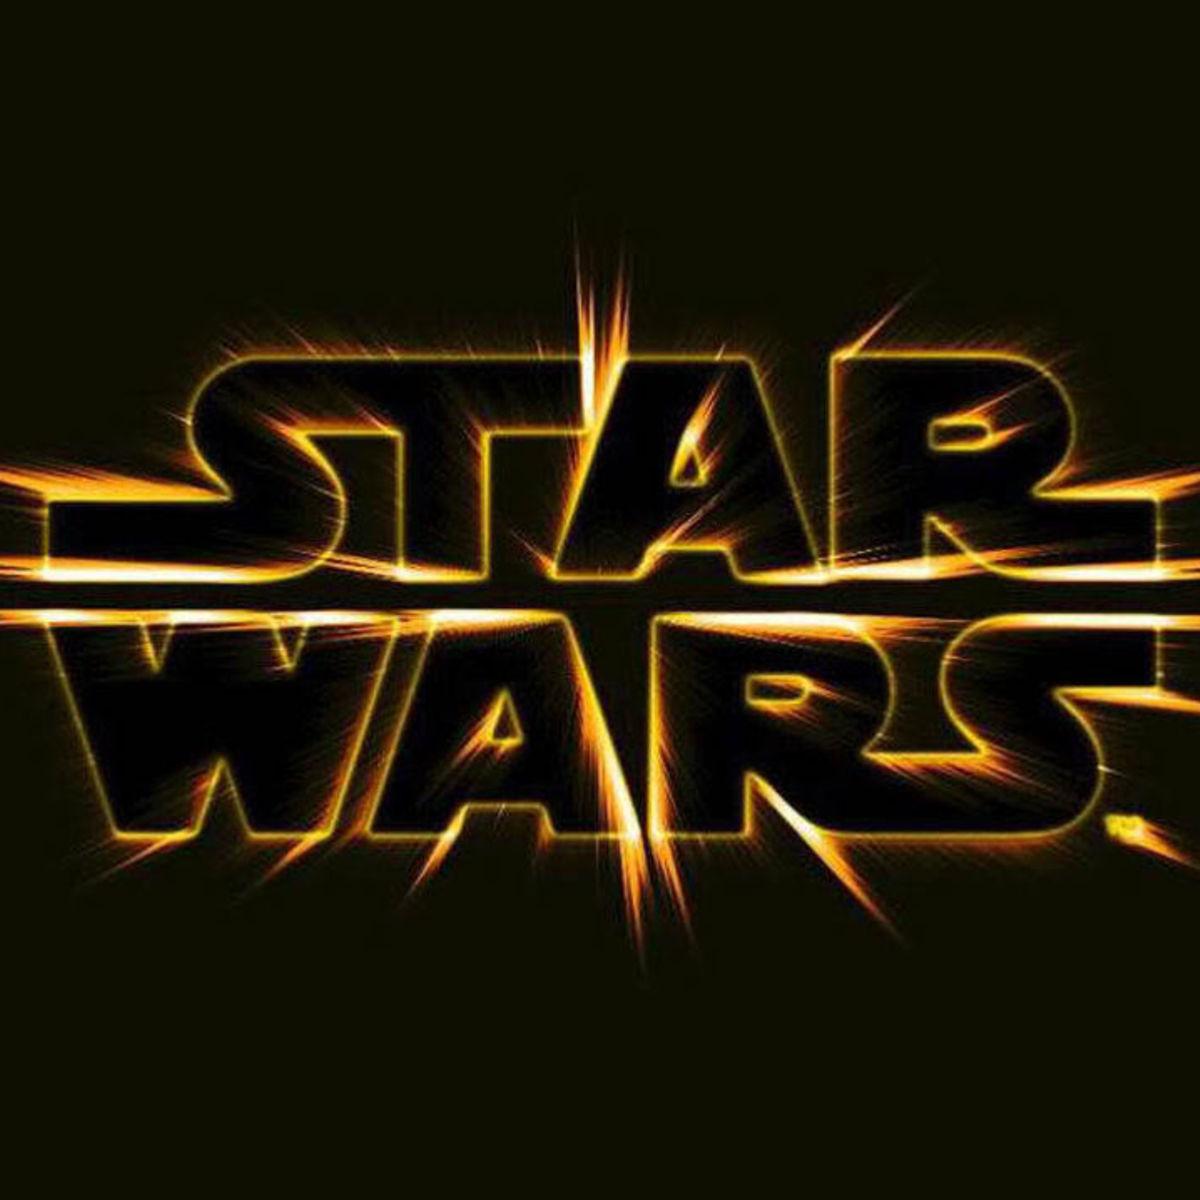 StarWars-Logo.jpg